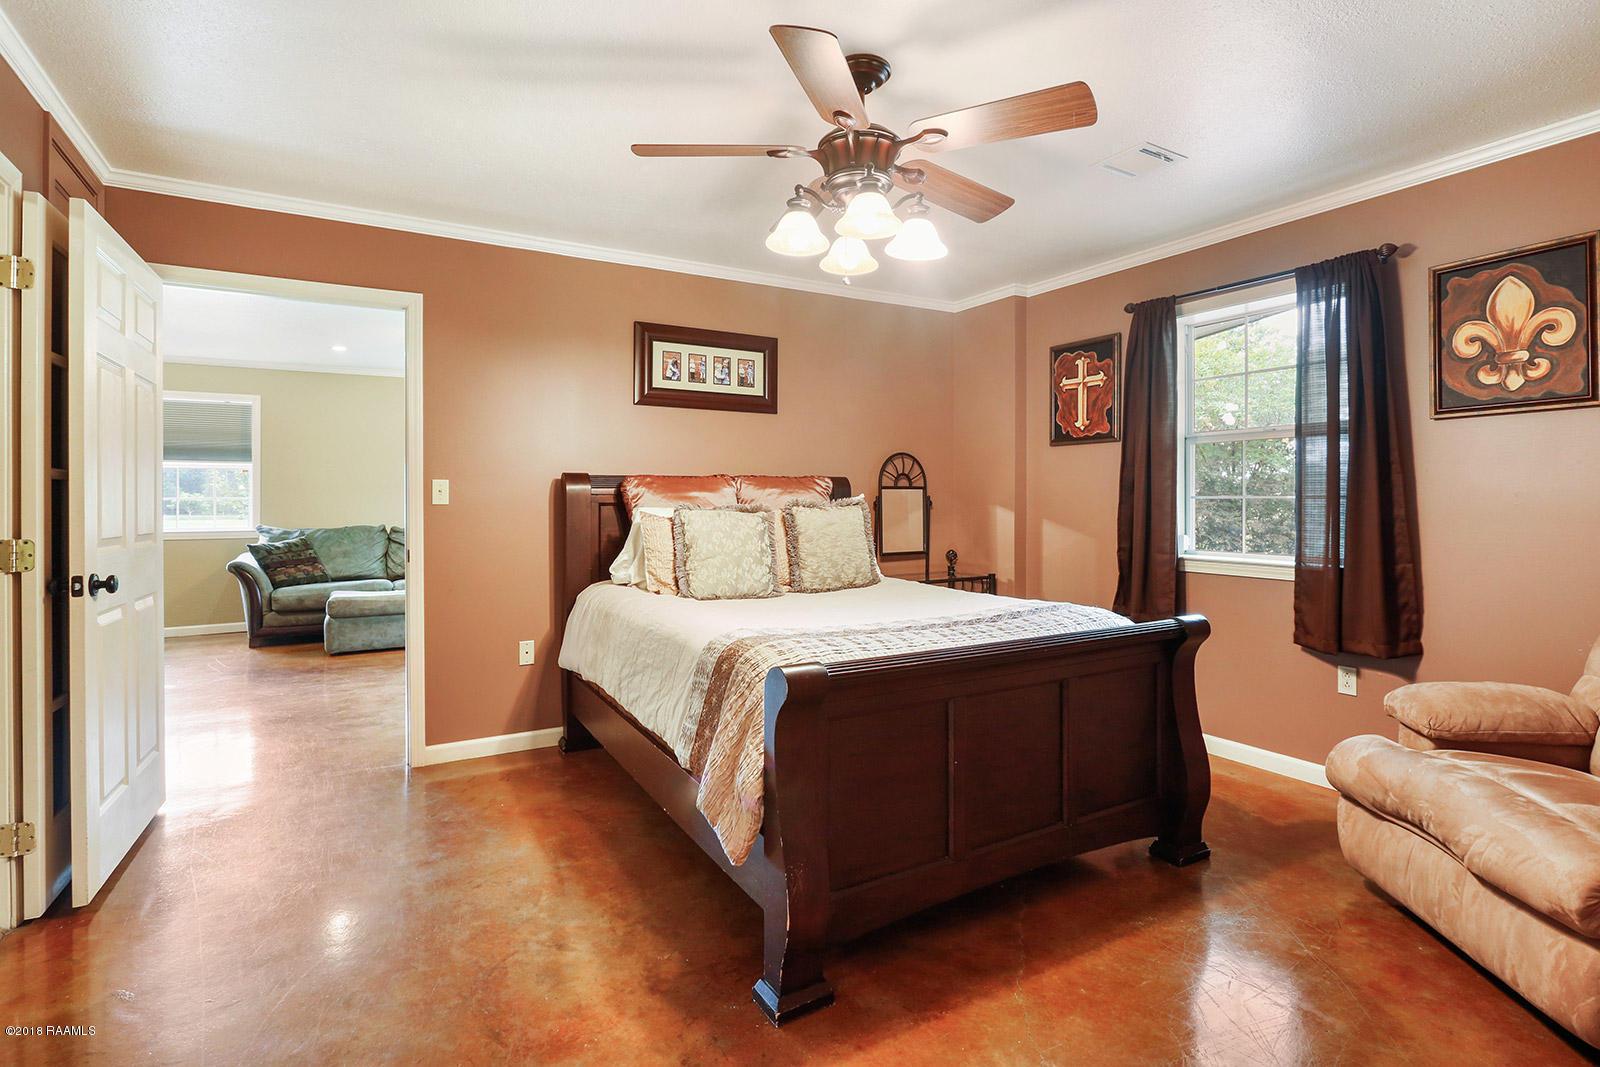 166 Southbend Drive, Opelousas, LA 70570 Photo #22